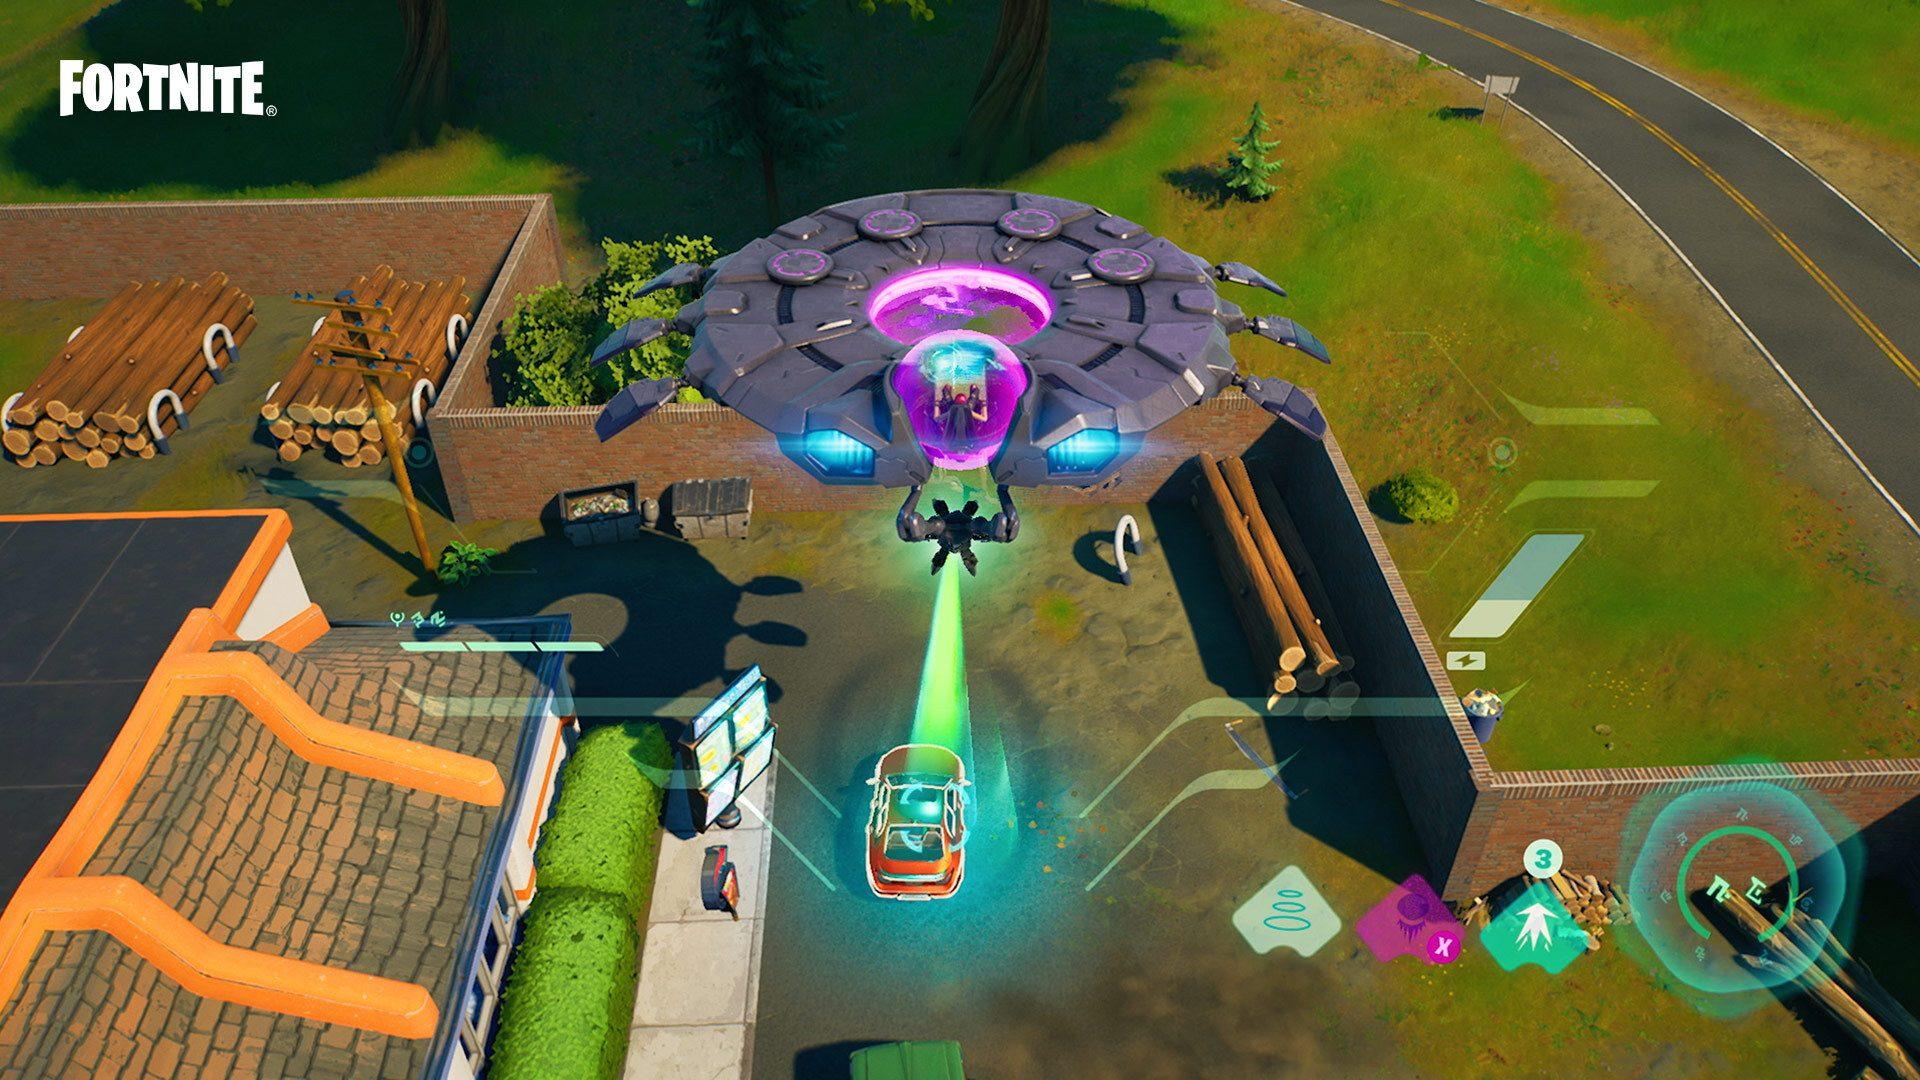 Destroy 3 Alien Eggs in Fortnite Week 14